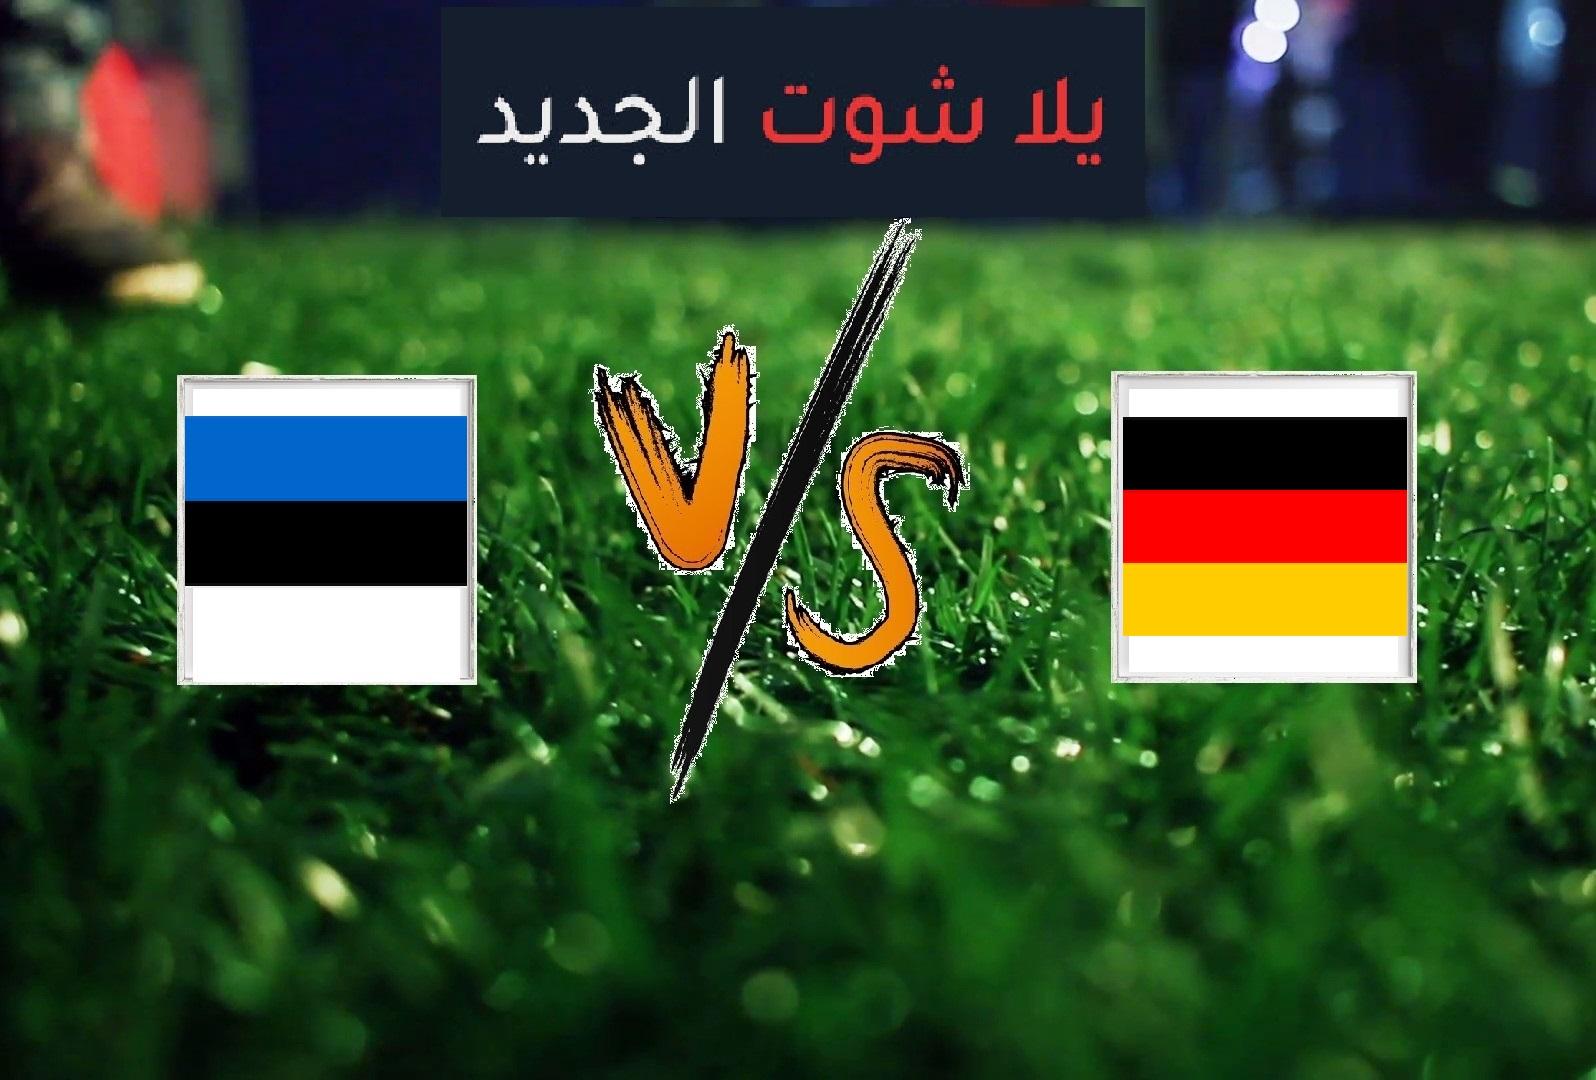 نتيجة مباراة المانيا وإستونيا اليوم الثلاثاء بتاريخ 11-06-2019 التصفيات المؤهلة ليورو 2020